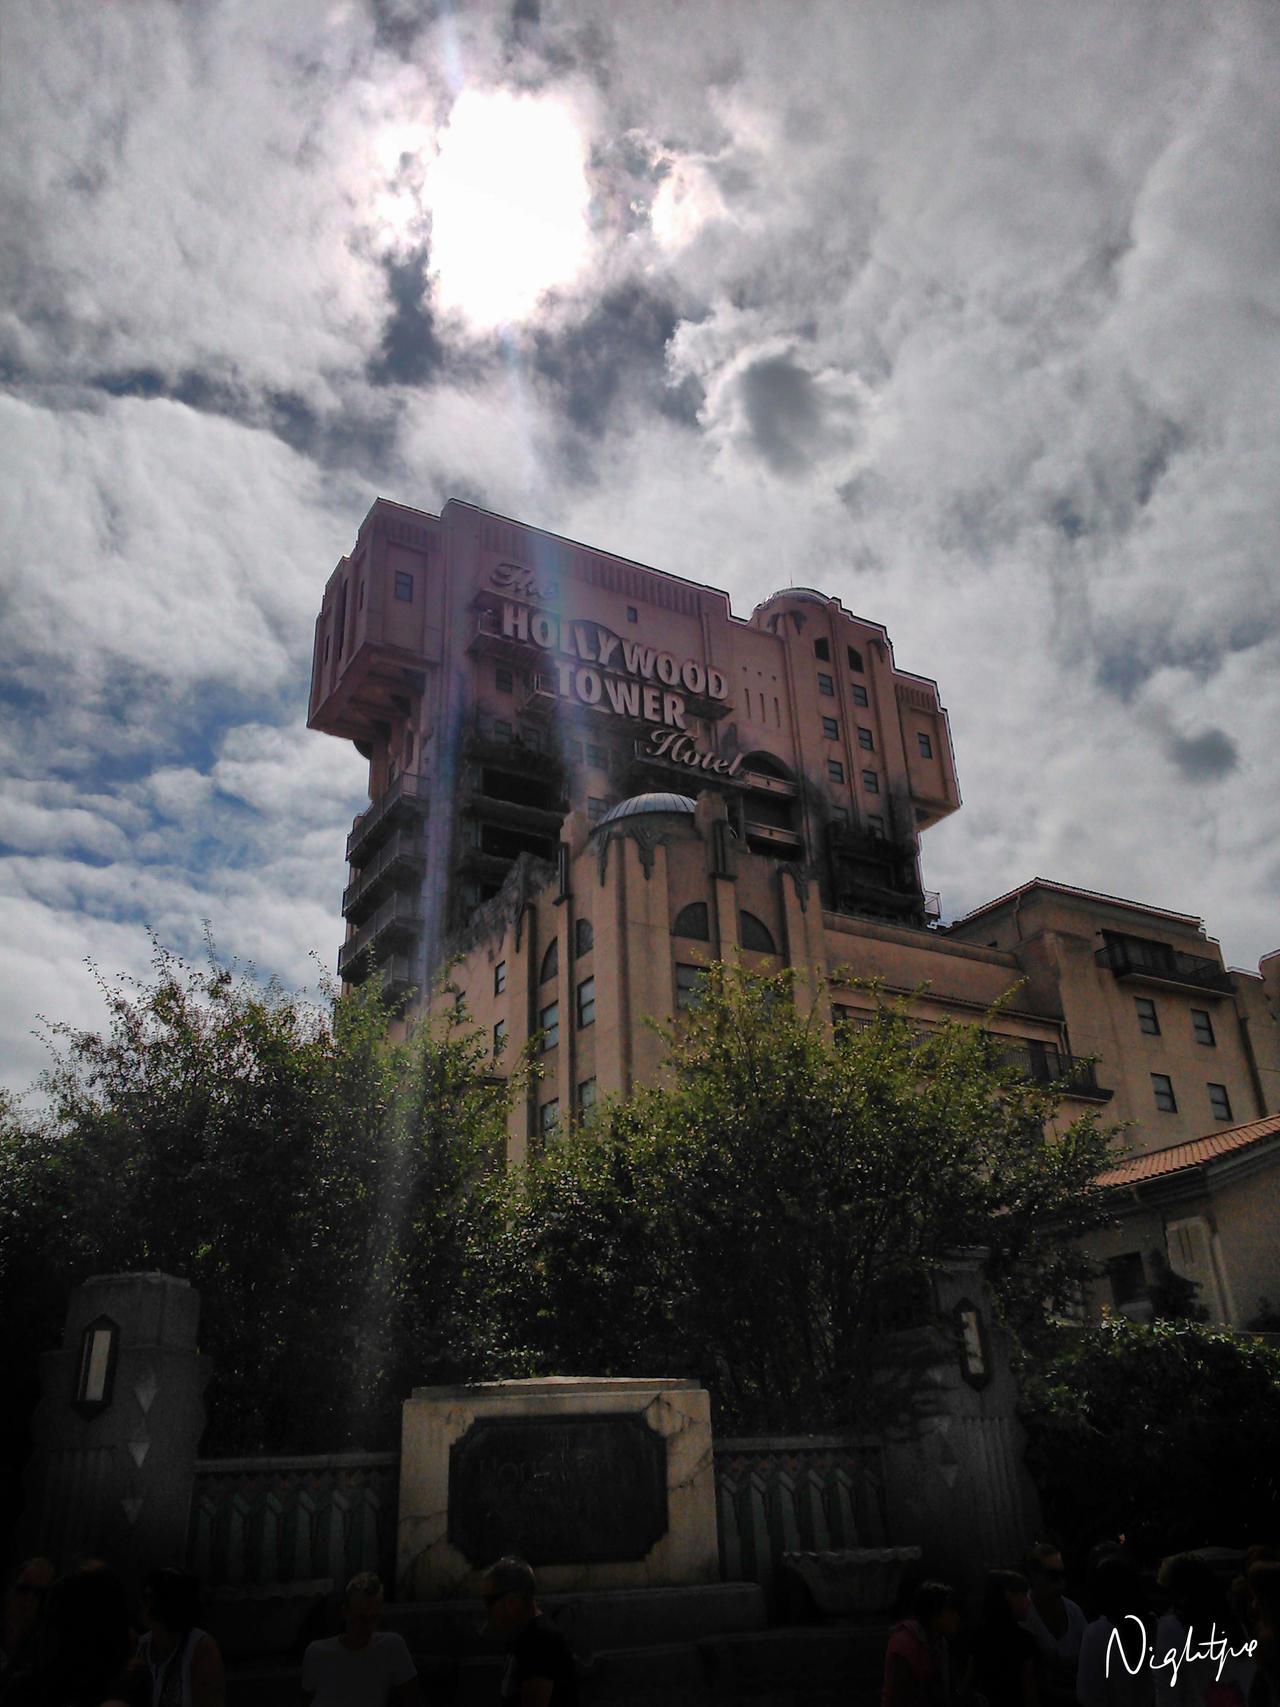 Hollywood Tower Hotel by x-nightfire-x